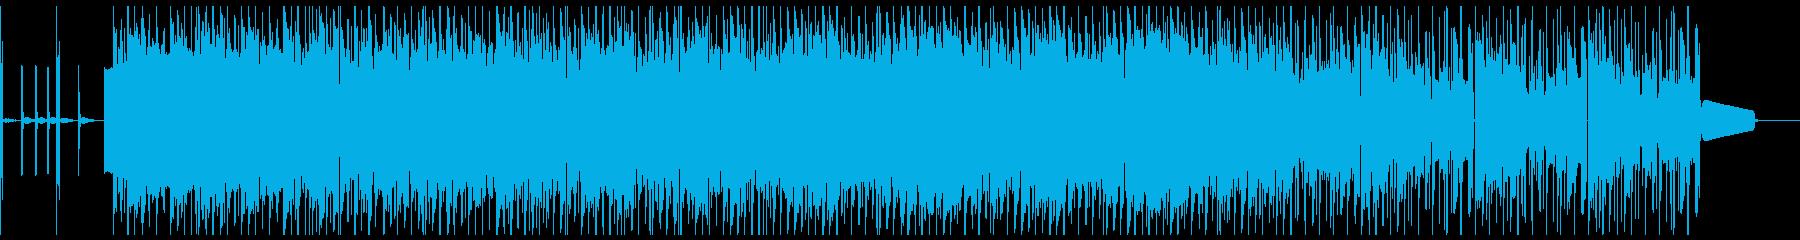 賑やかで雰囲気のあるヒップホップの...の再生済みの波形